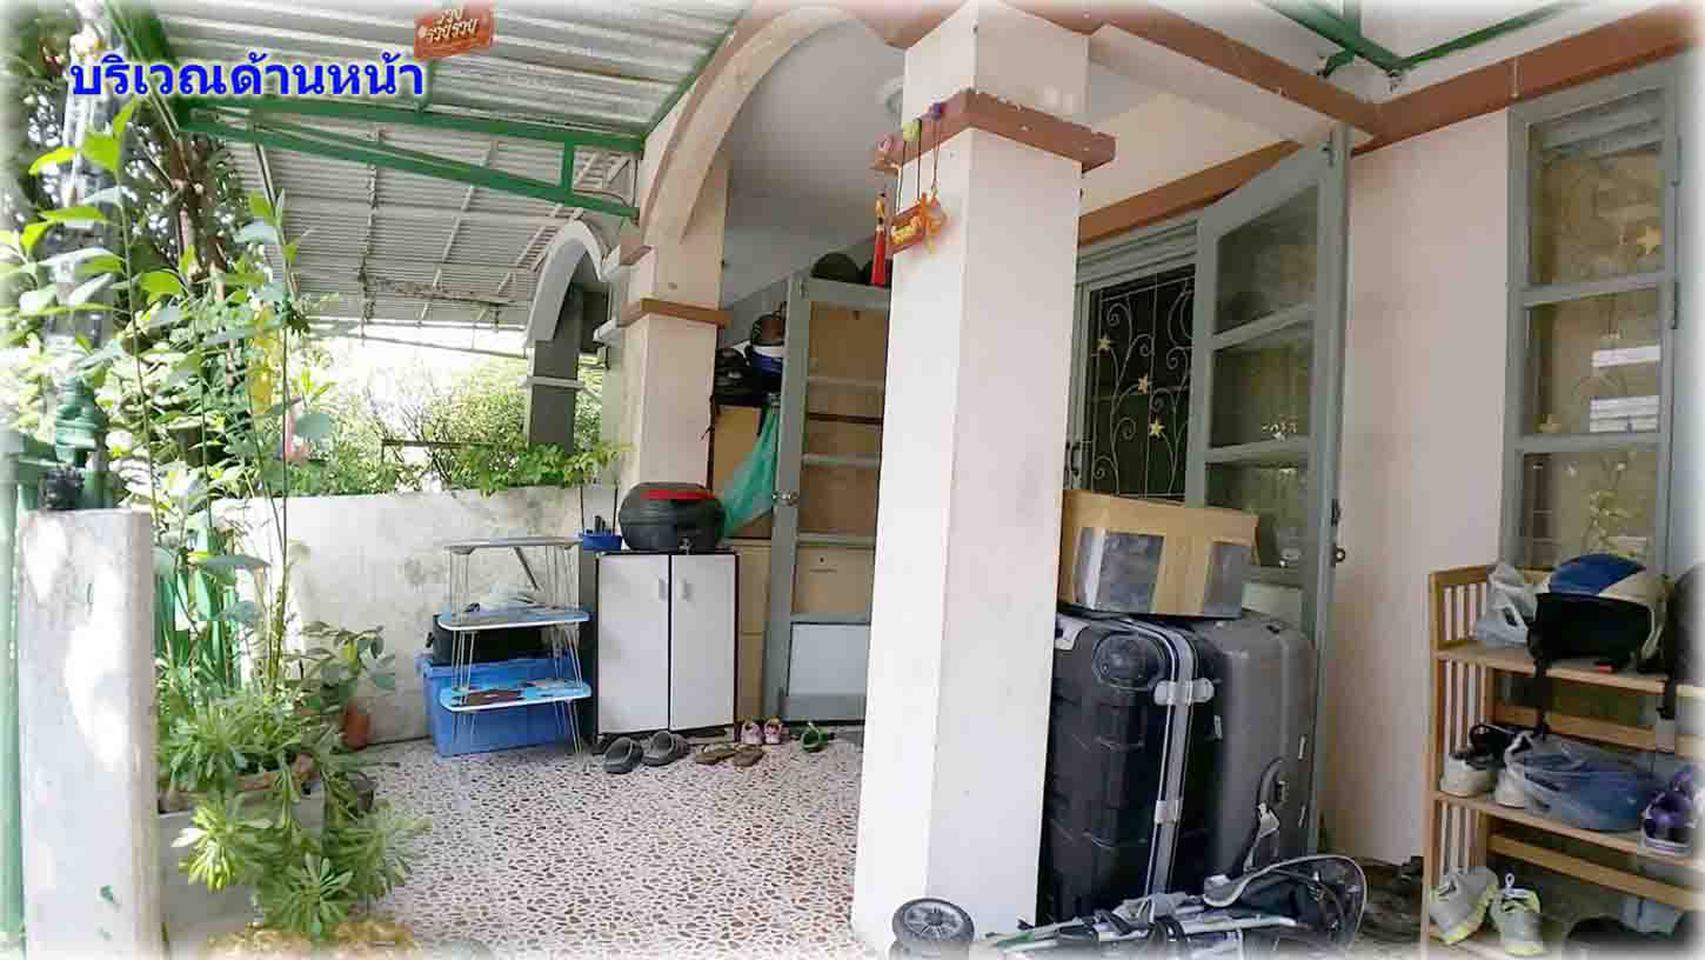 ขายด่วน บ้านแฝด ติดถนนเพชรเกษม81 ม.ธนาสุข-กิตติยา รูปที่ 5